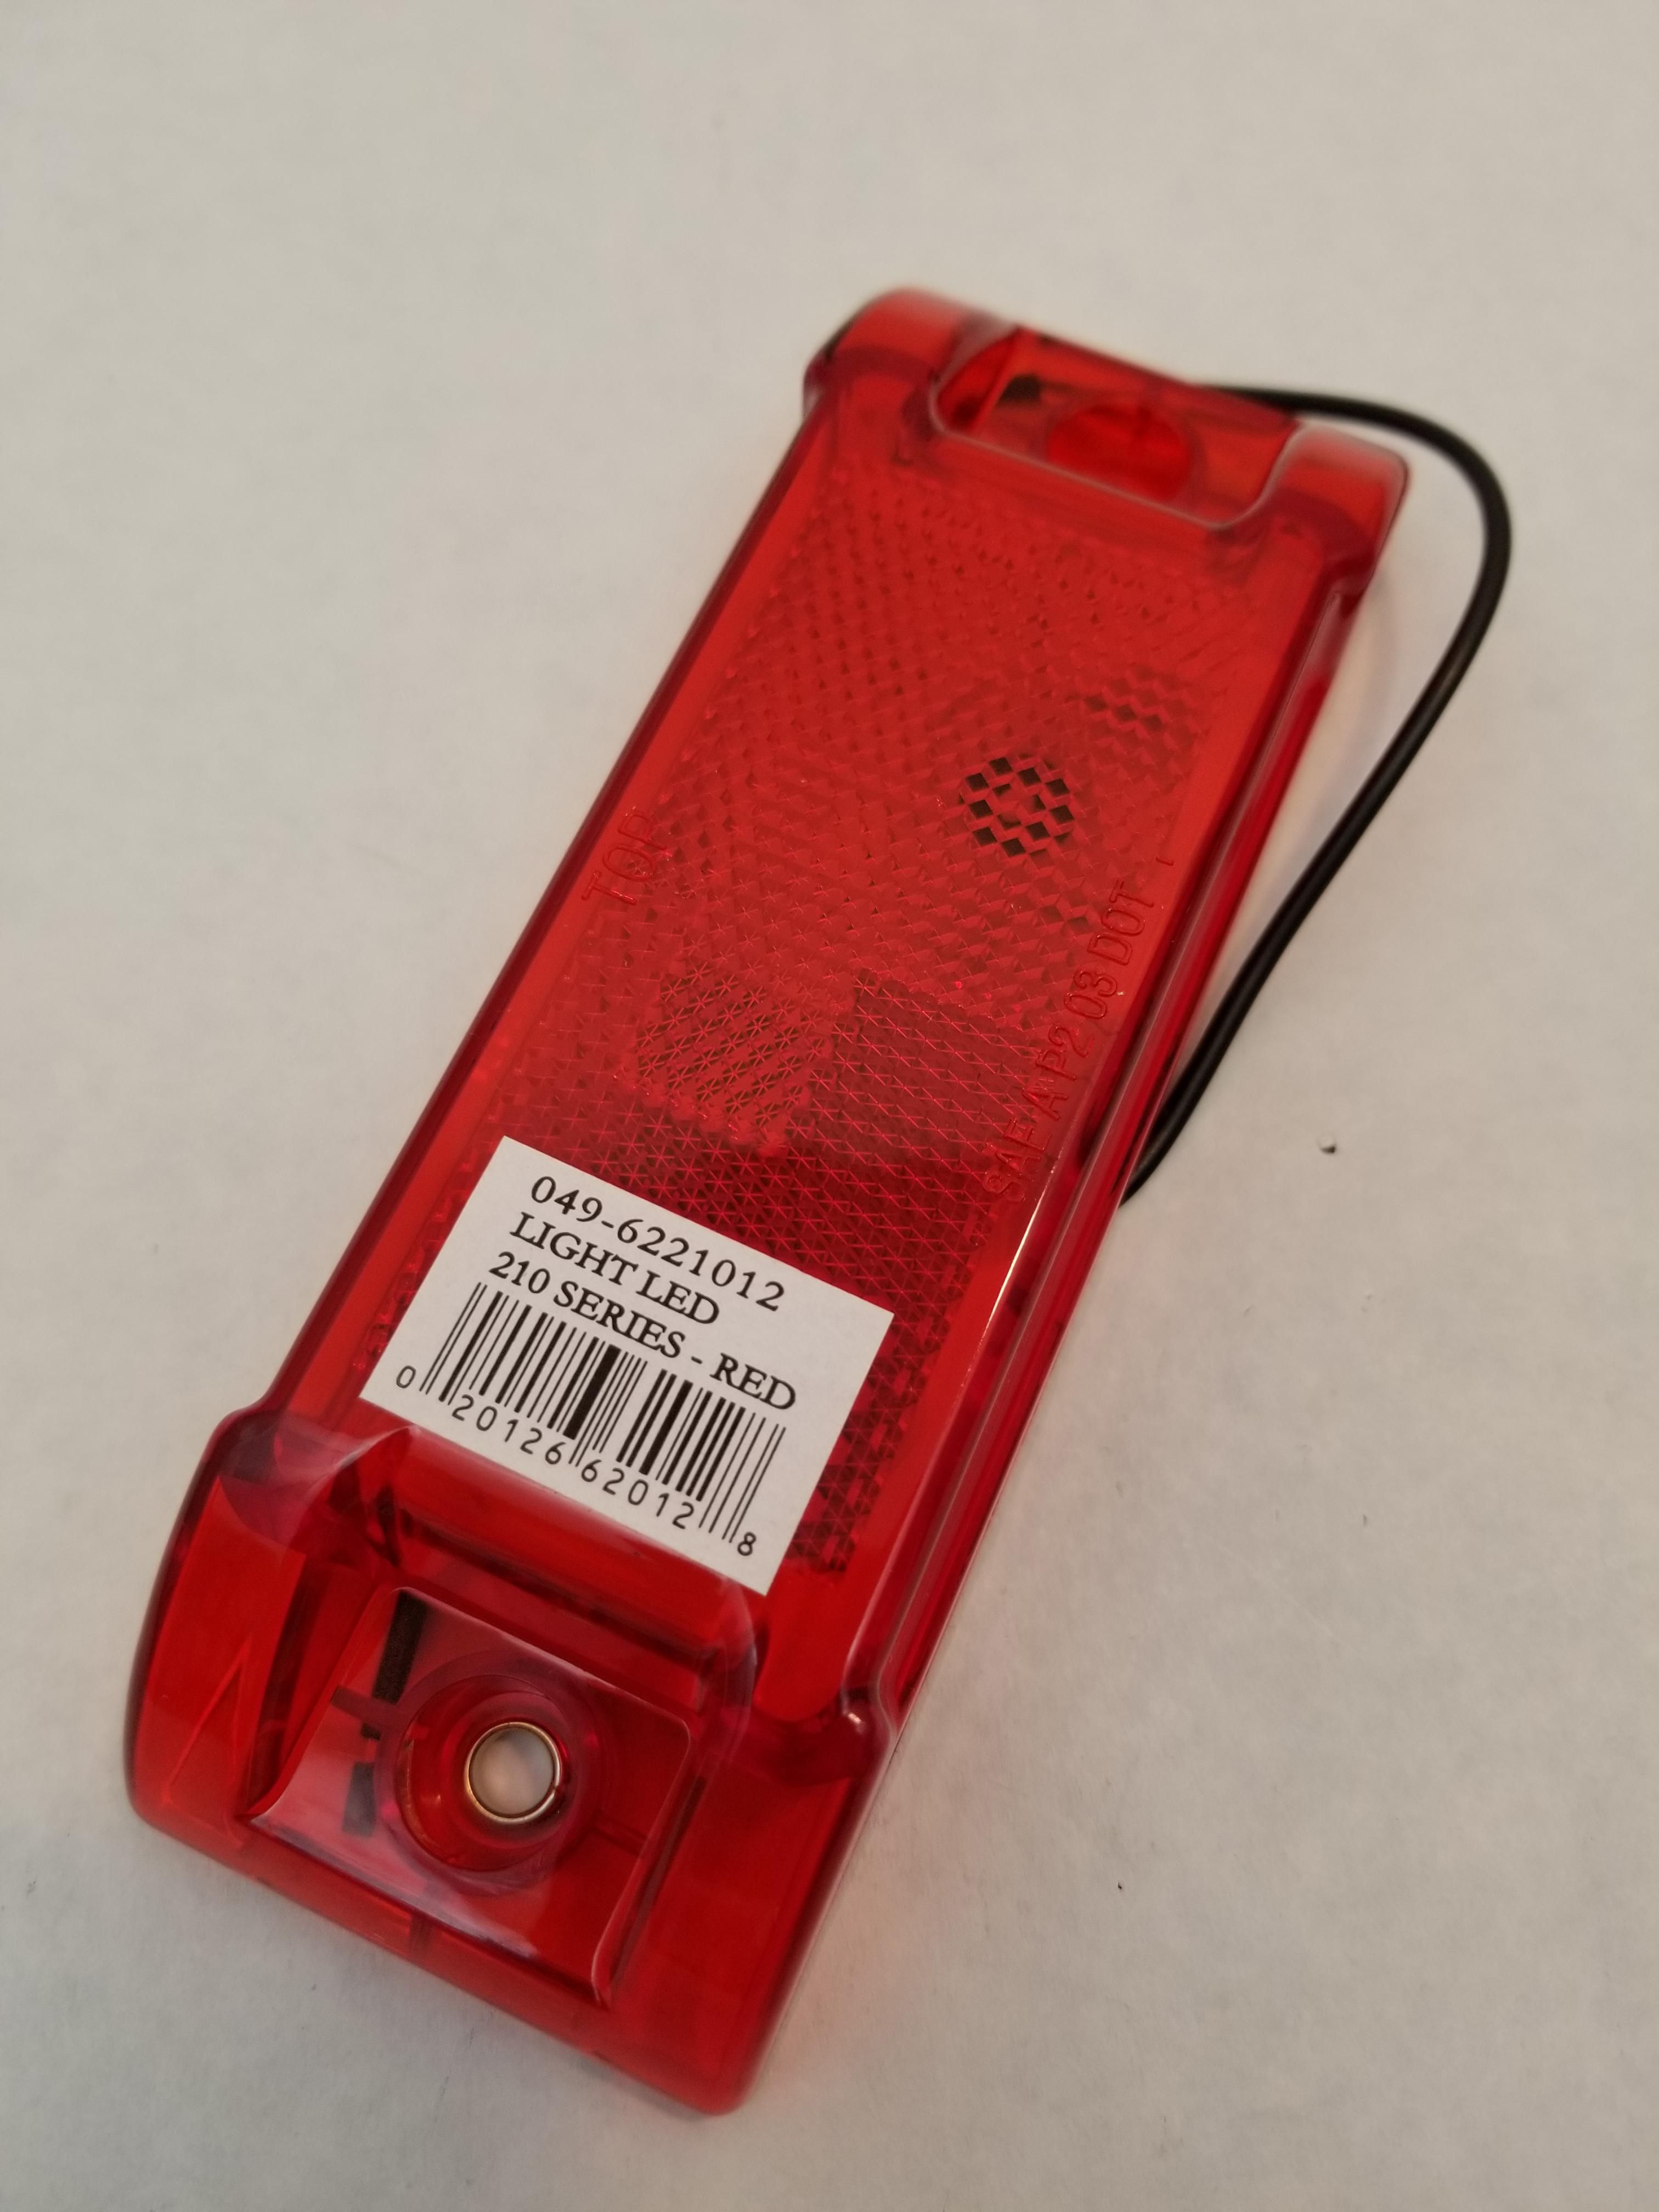 0496221012 - Red Light Sealed Marker ( Bulk )